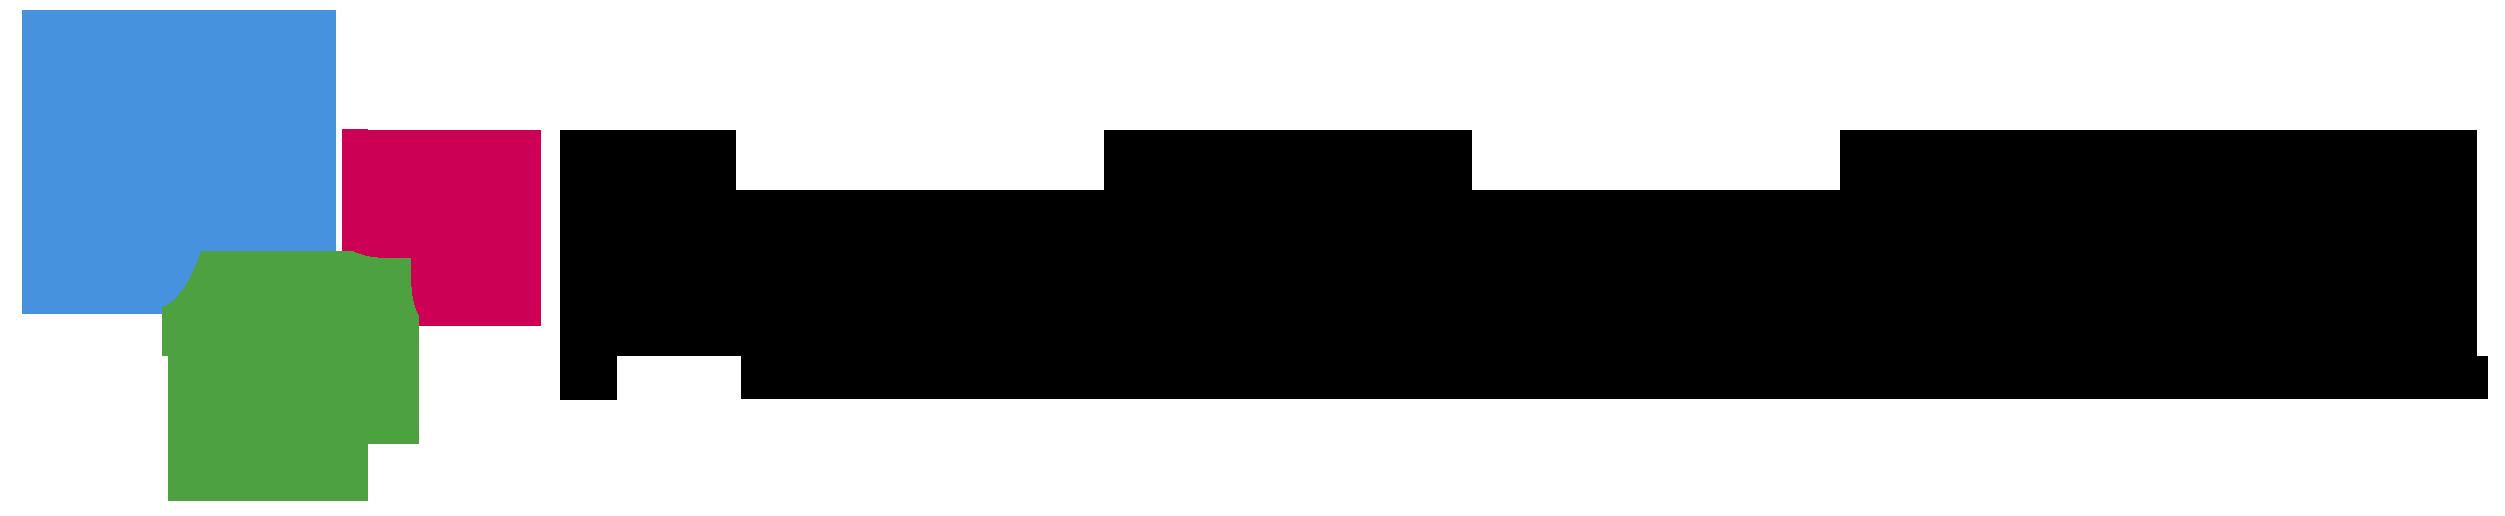 Avatardesk